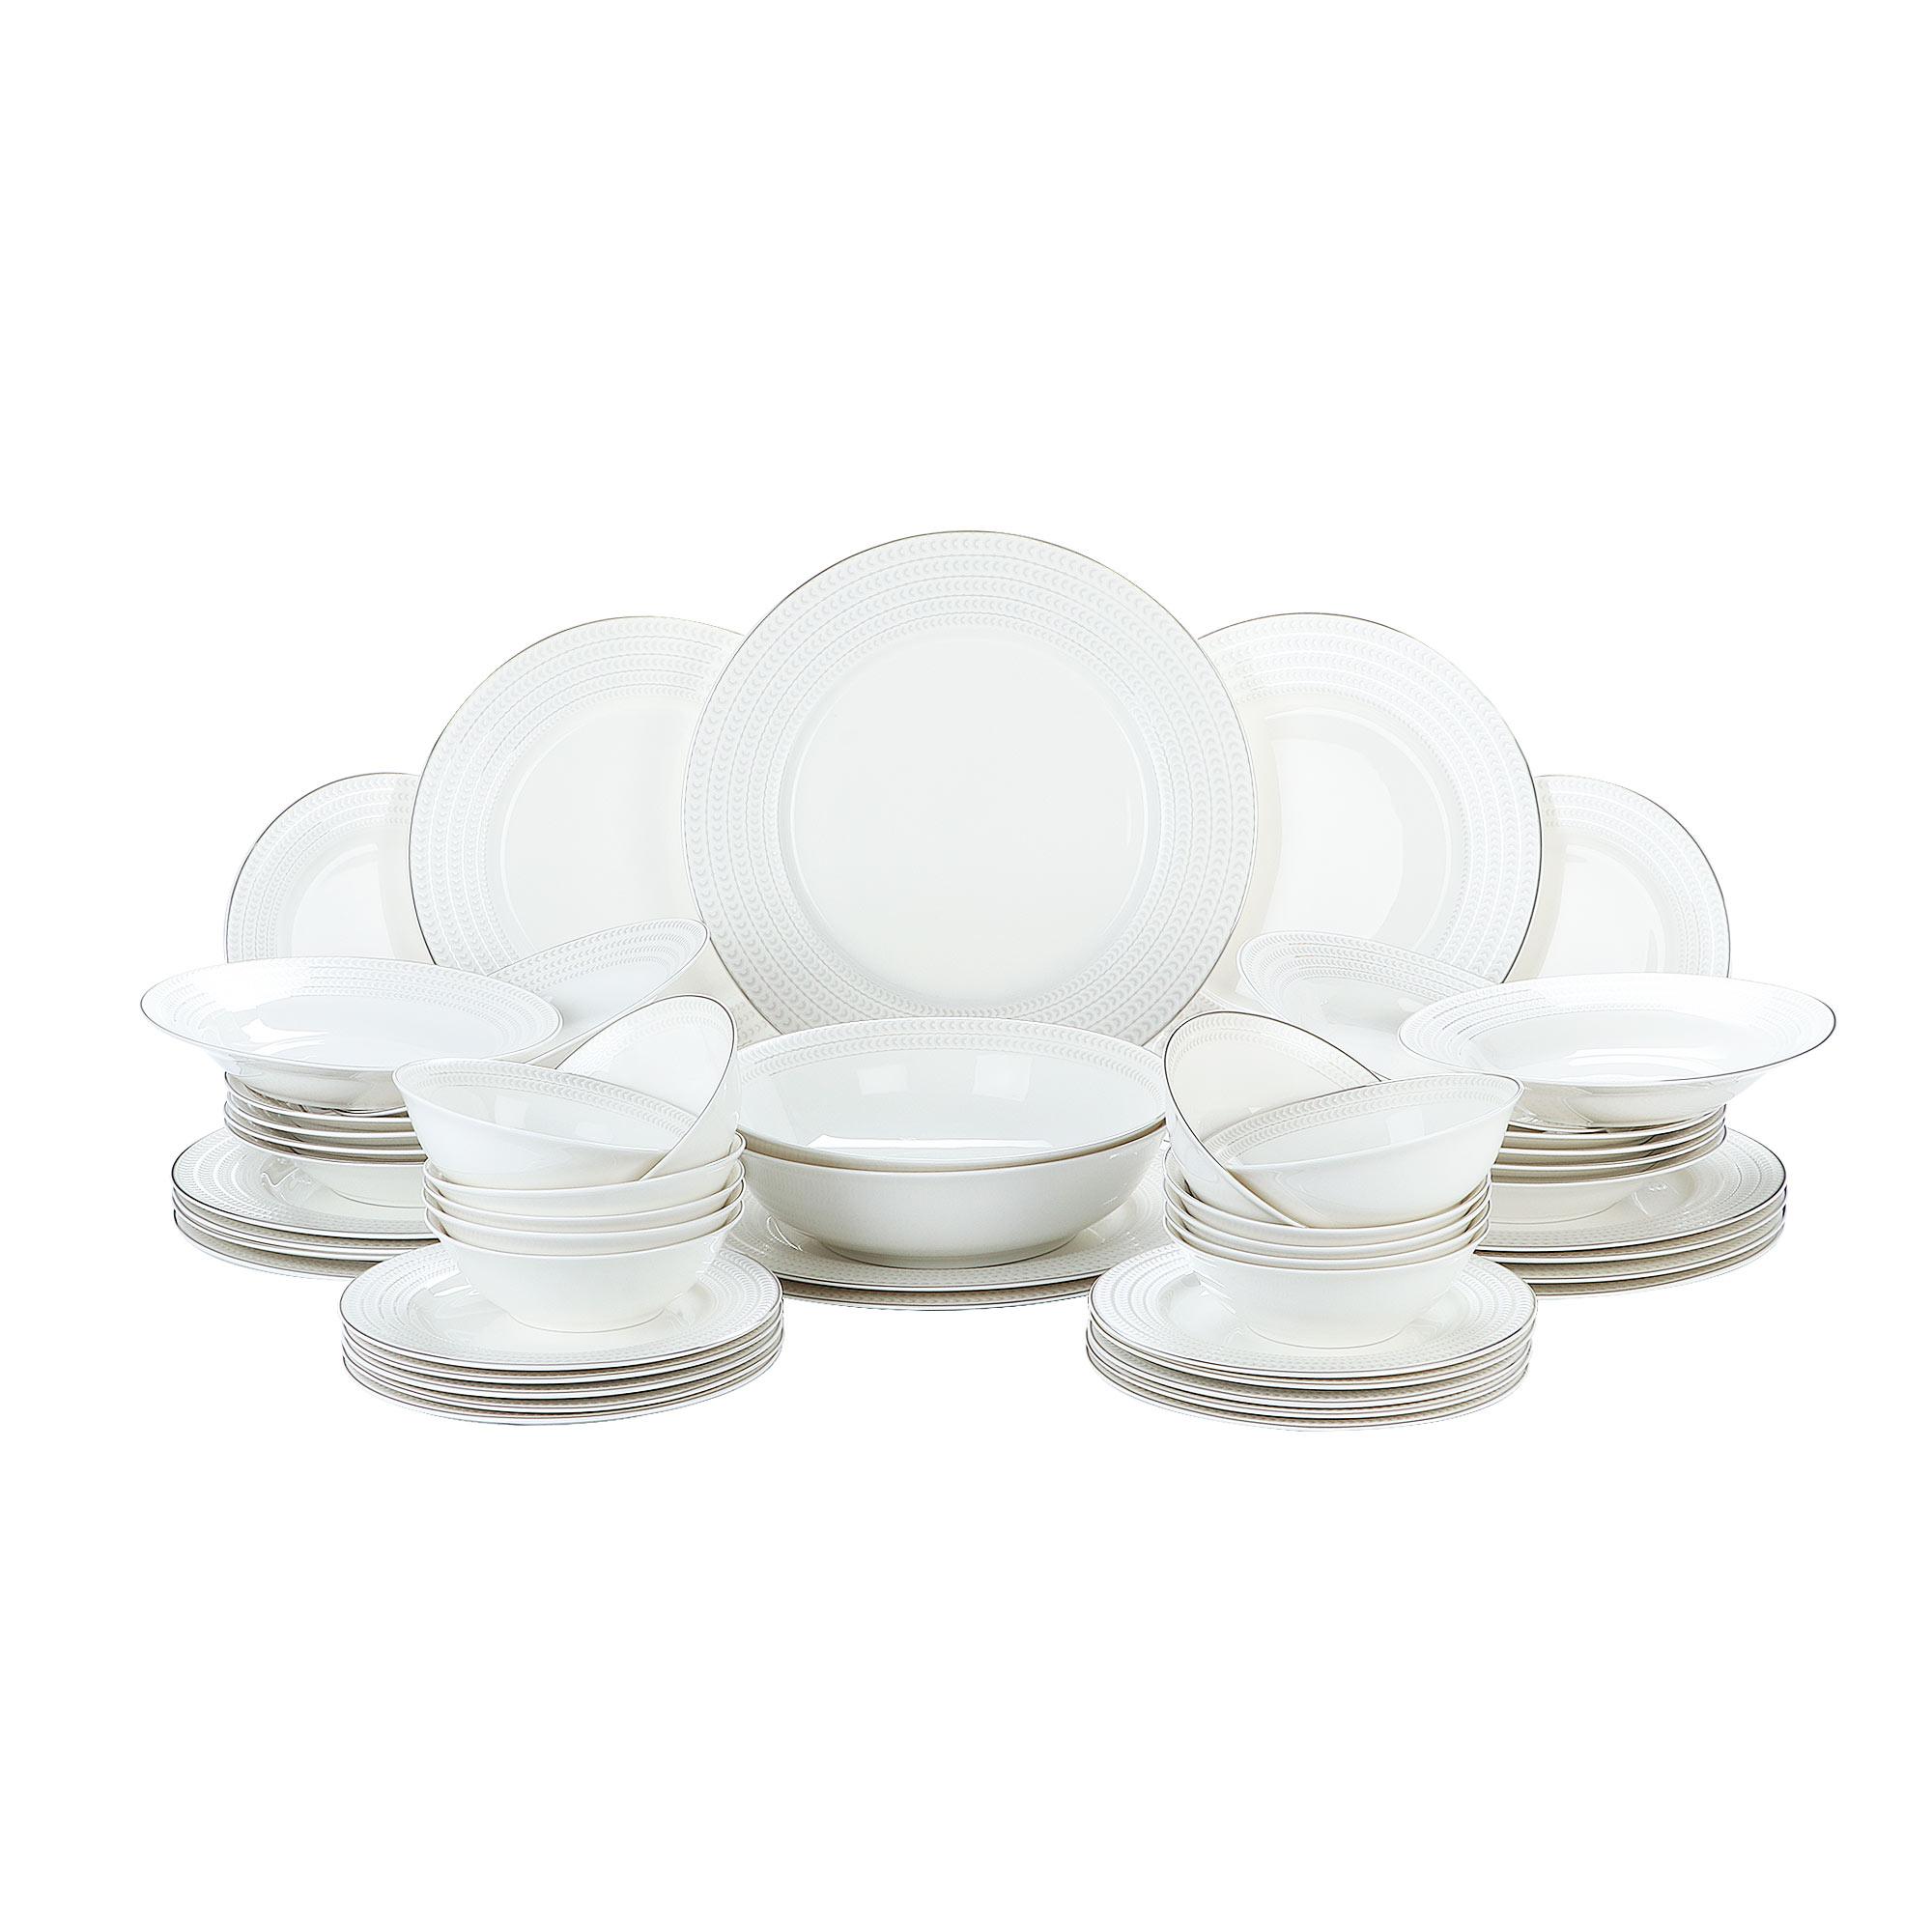 Сервиз столовый Macbeth bone porcelain Festive 51 предмет